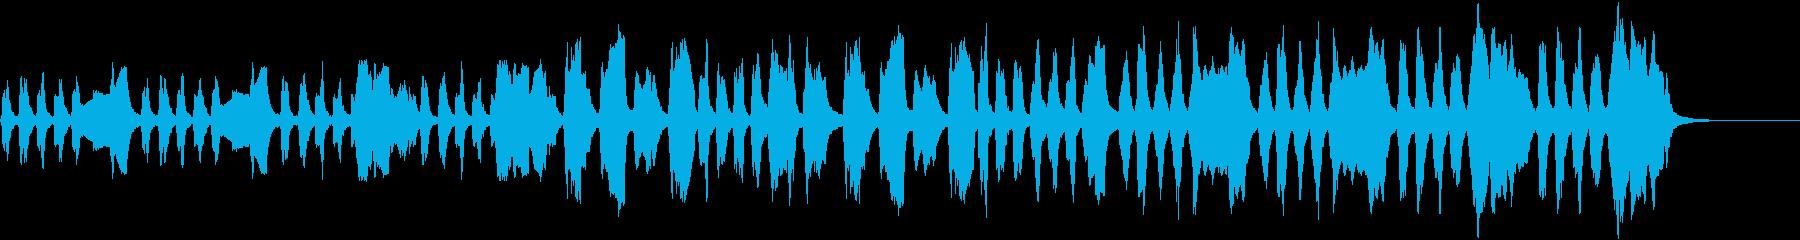 ほのぼのクラシック管楽器の再生済みの波形